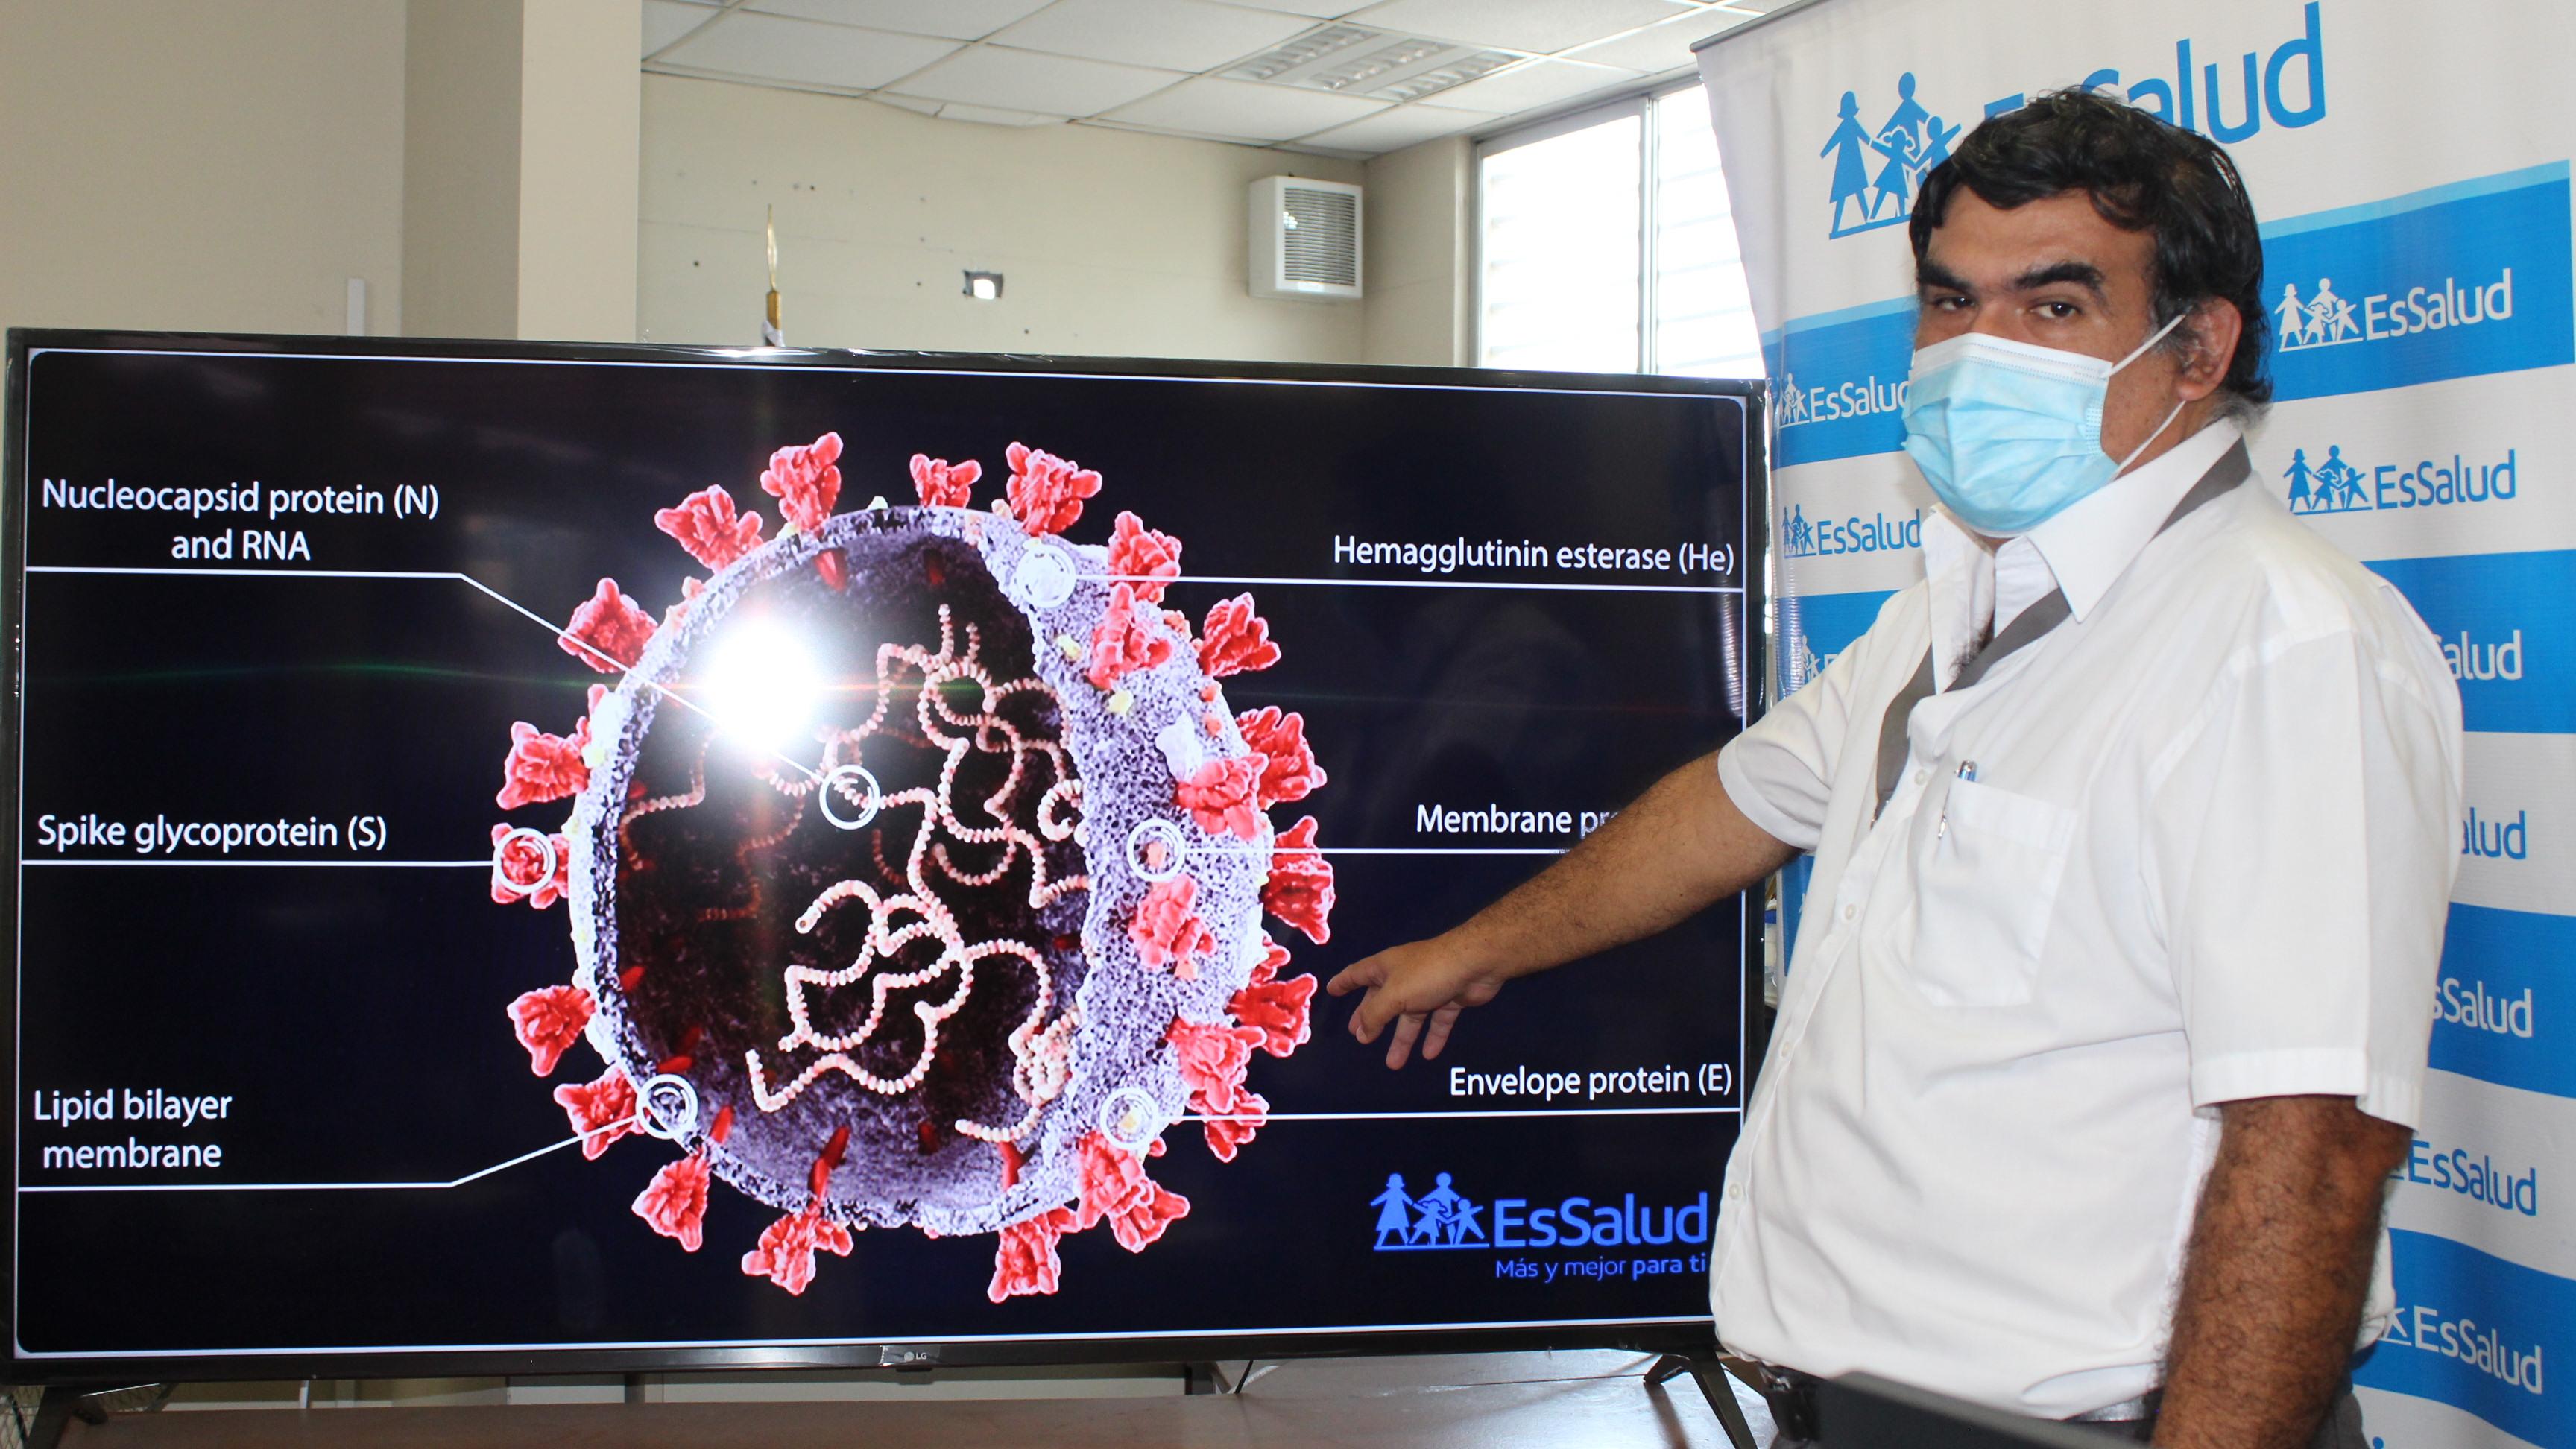 Essalud - EsSalud: nuevas variantes de Covid-19 aumentan mortalidad y casos son más graves que a inicio de pandemia